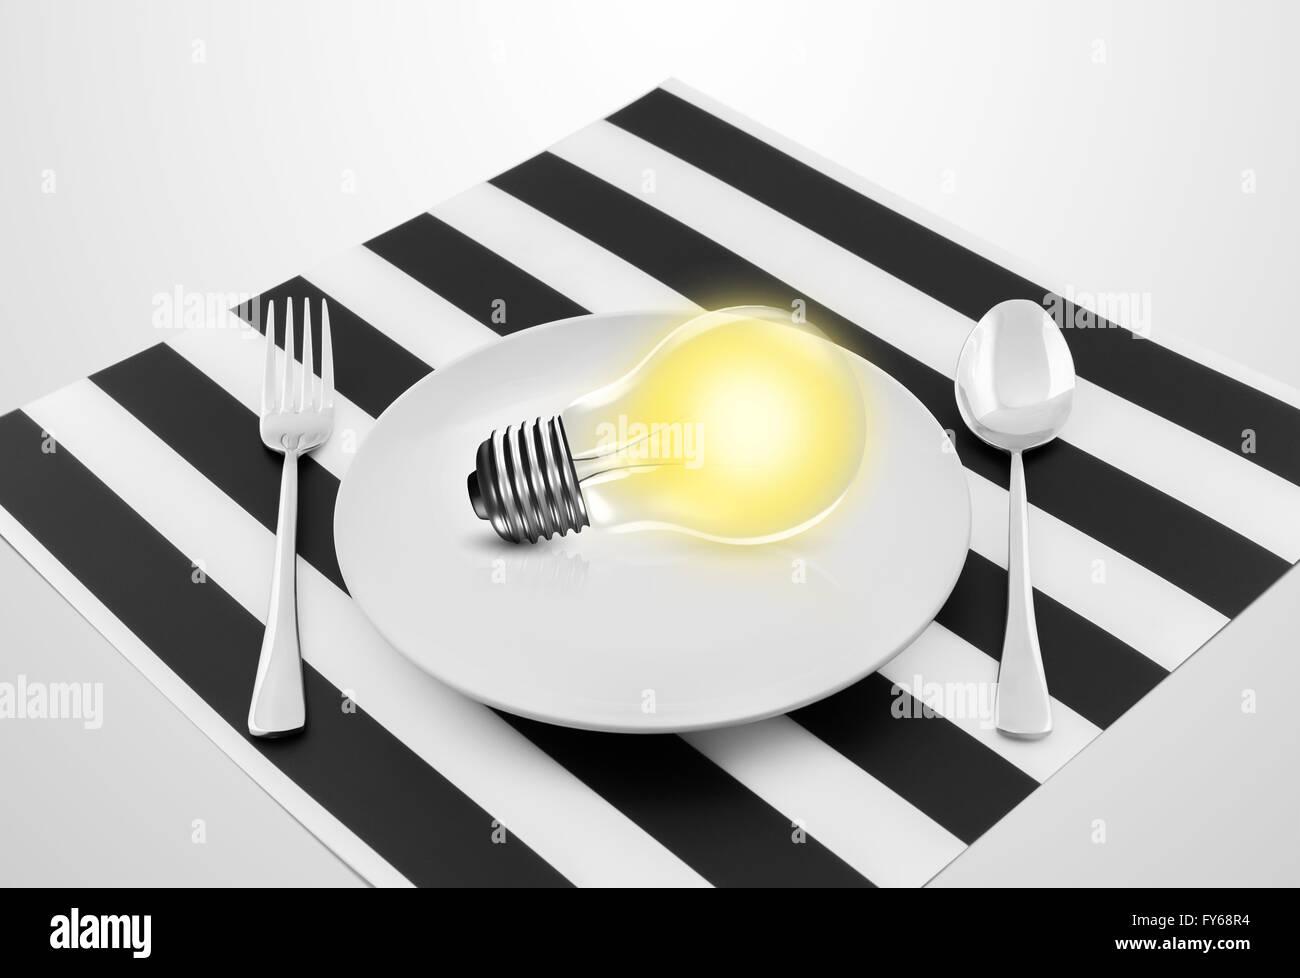 Lampada nella piastra e cucchiaio e forchetta, serve un'idea concept Immagini Stock